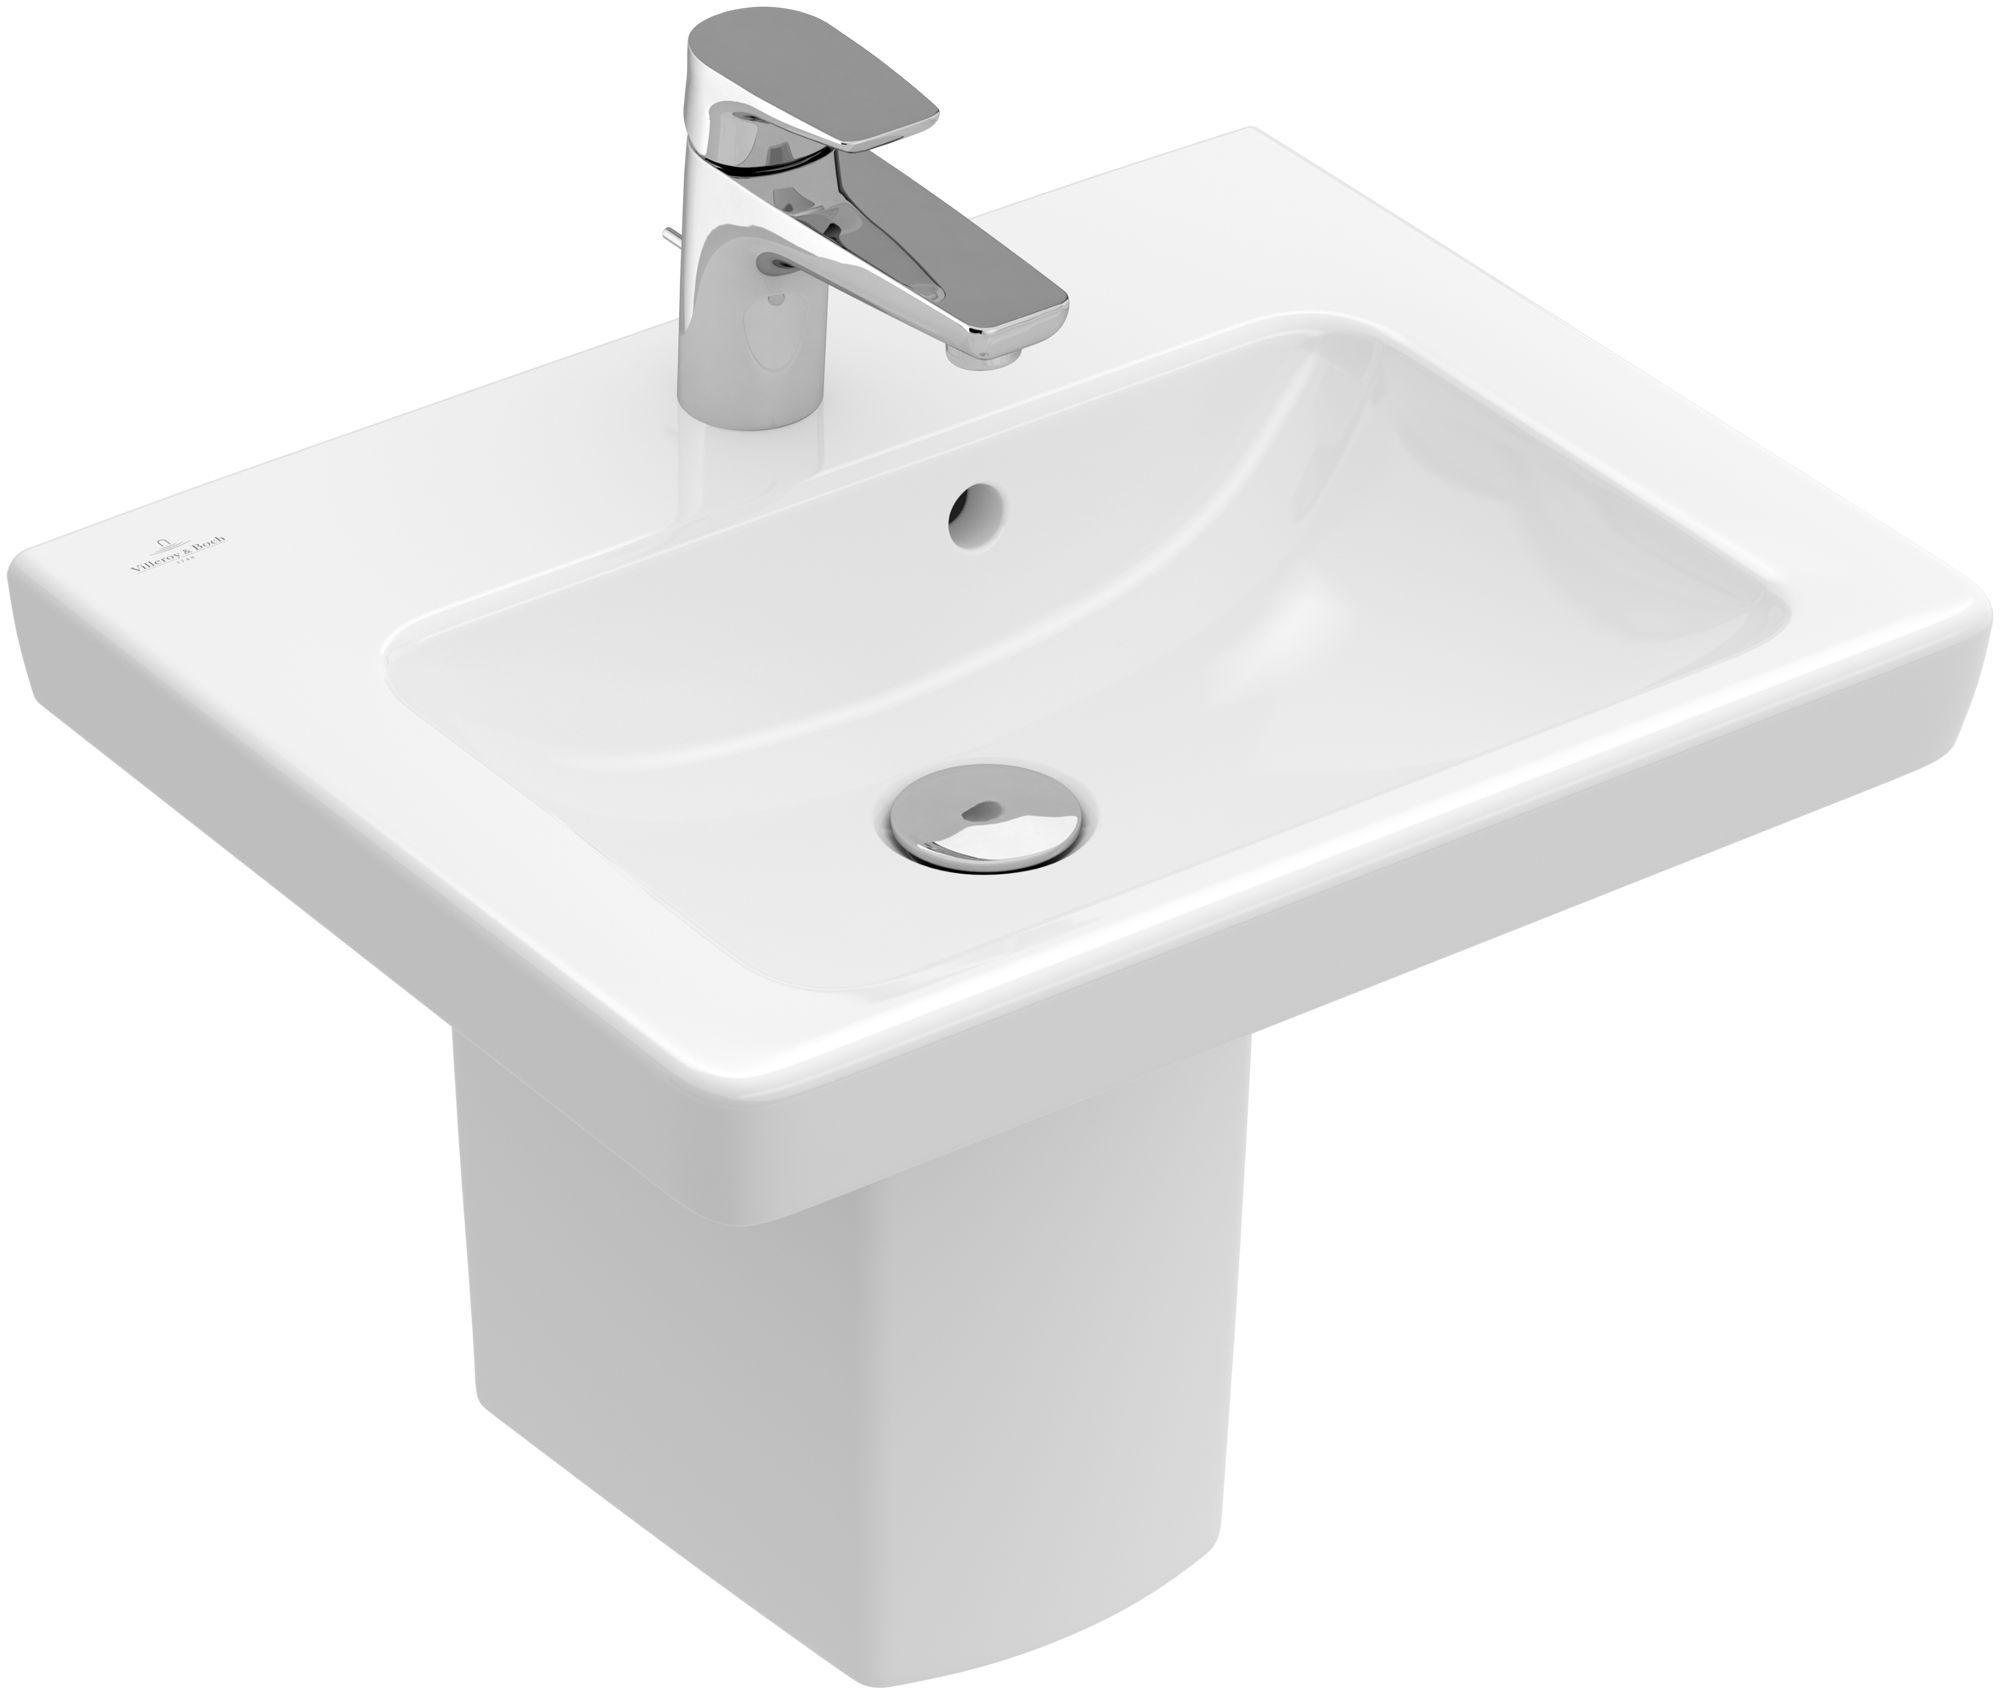 Villeroy & Boch Subway 2.0 Handwaschbecken B:50xT:40cm 1 Hahnloch mit Überlauf weiß mit Ceramicplus 731550R1